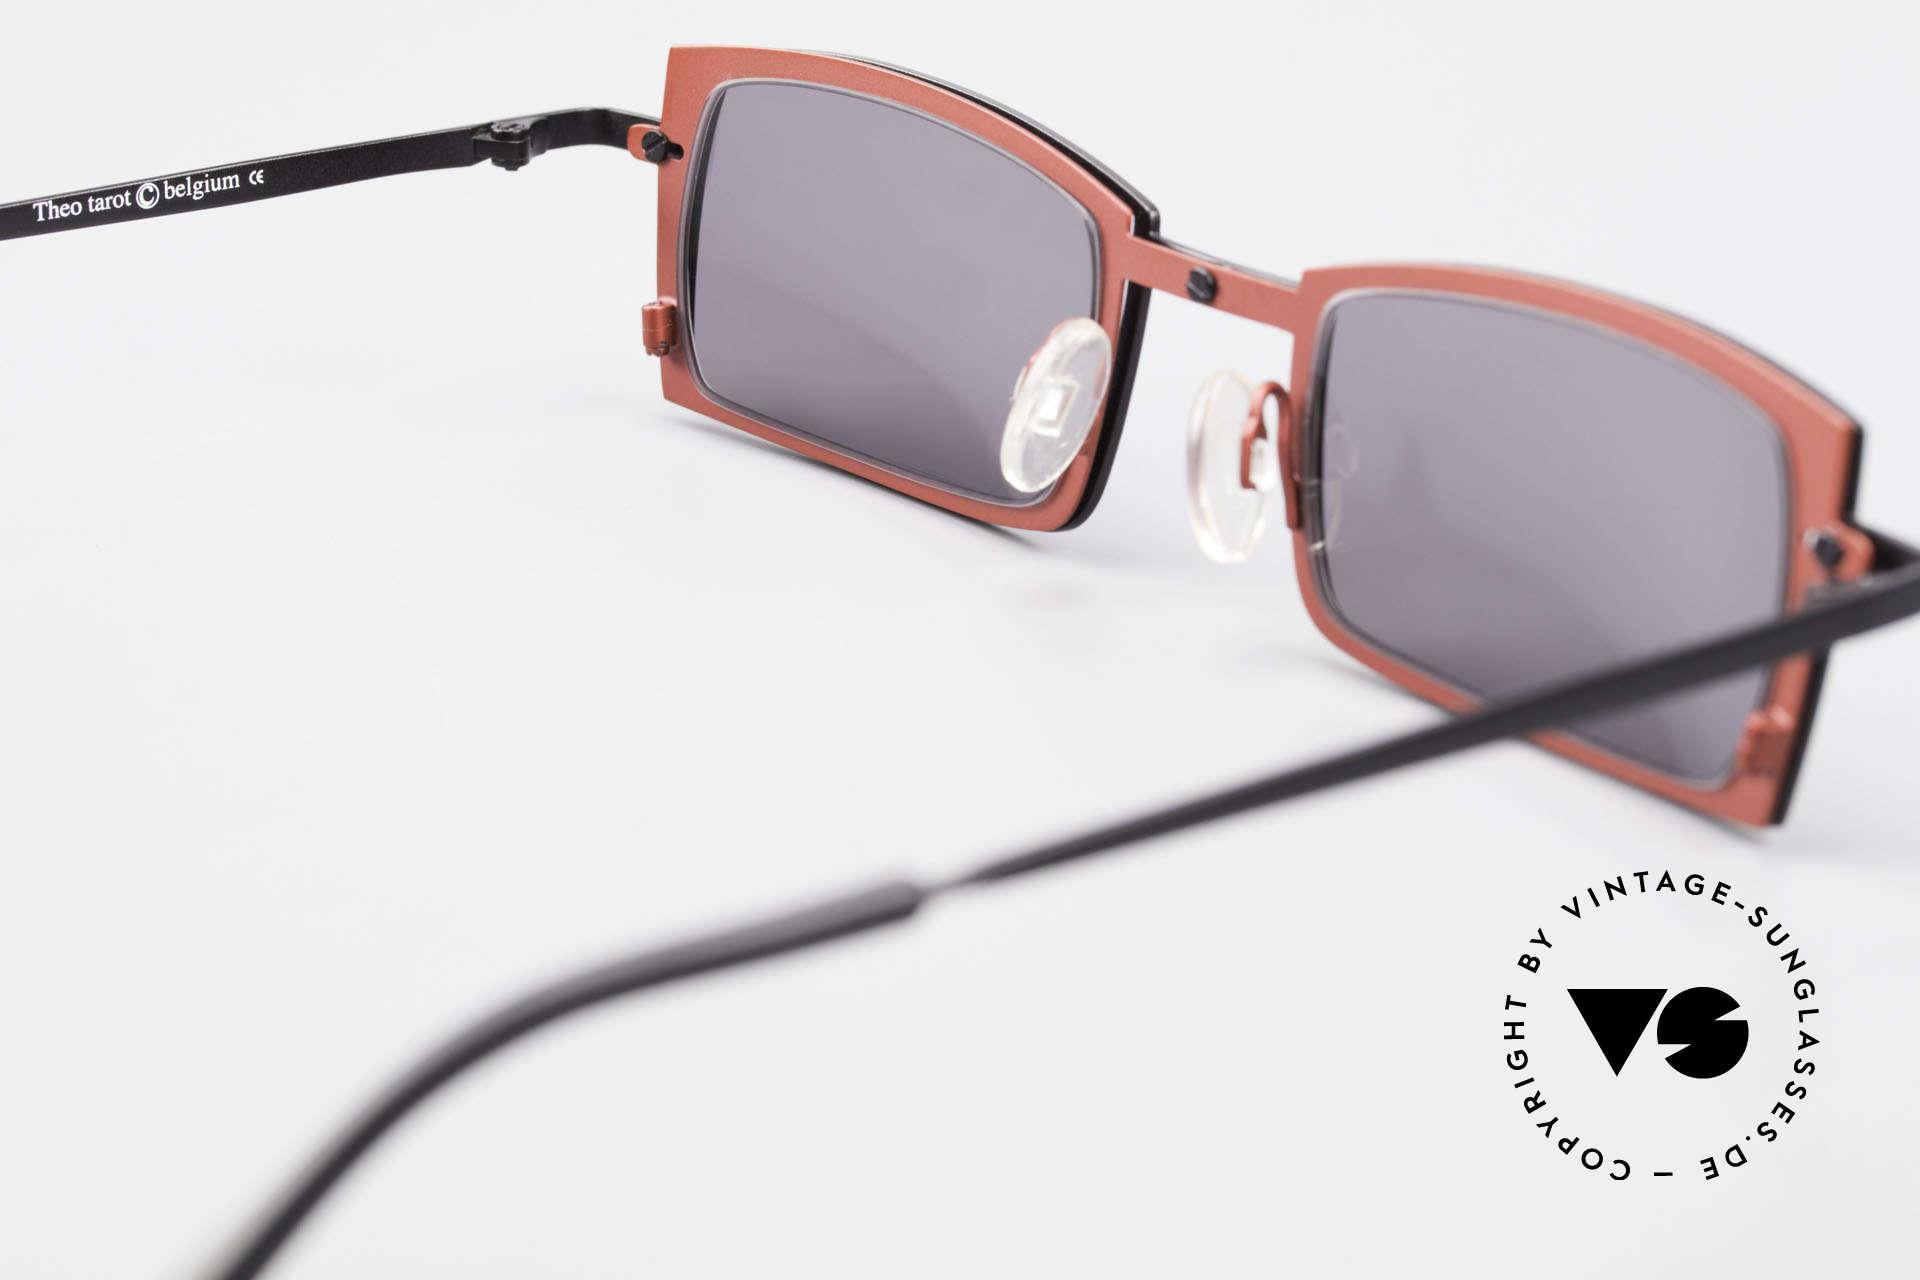 Theo Belgium Tarot Eckige Designer Sonnenbrille, sozusagen: VINTAGE Sonnenbrille mit Symbol-Charakter, Passend für Herren und Damen